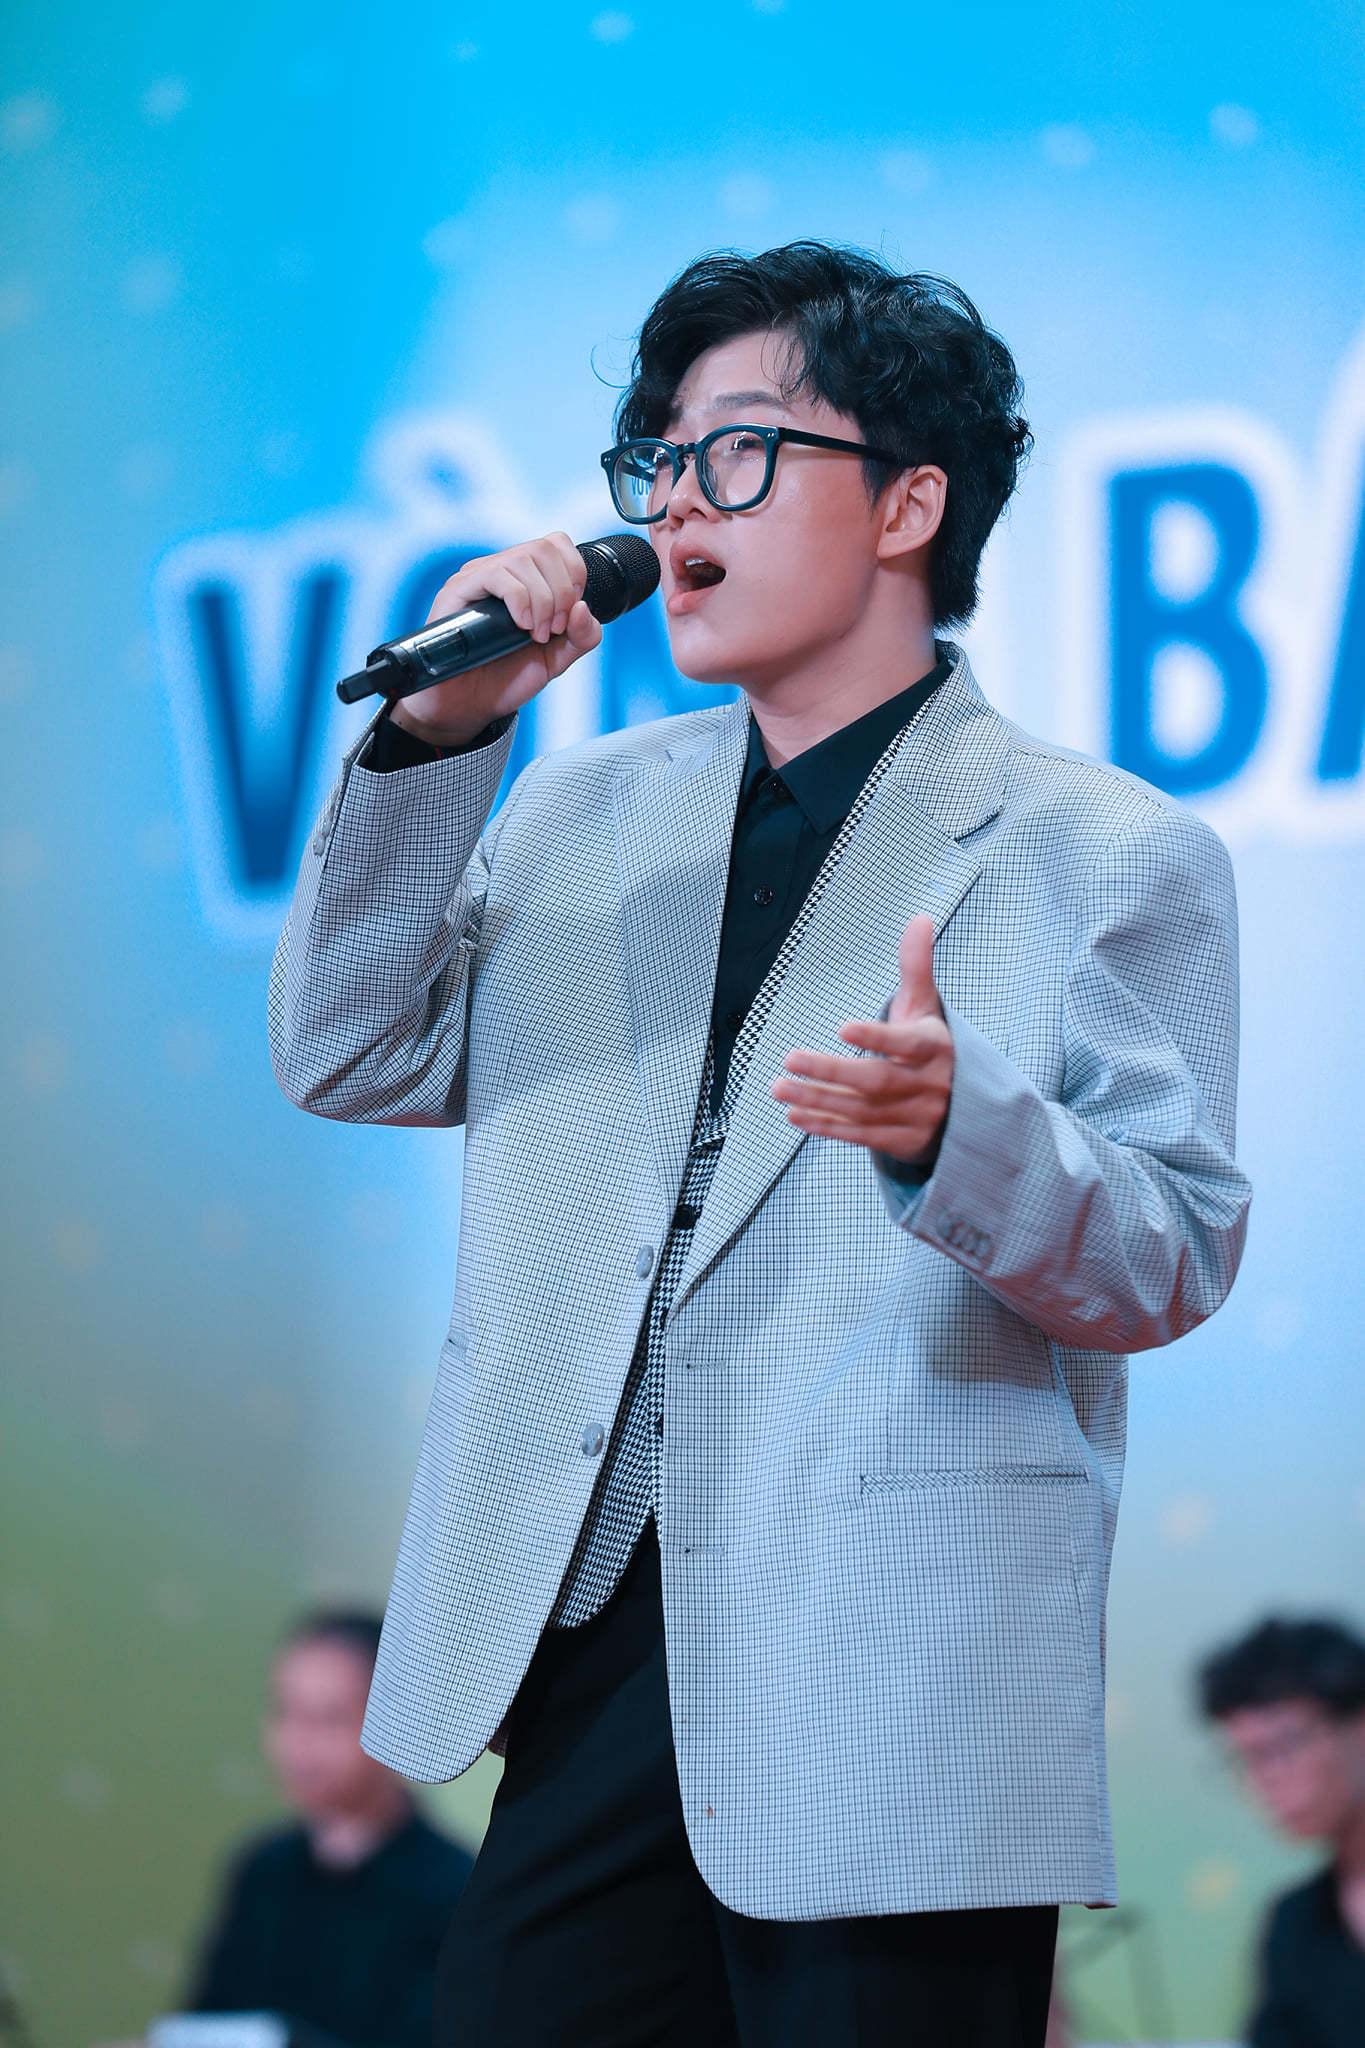 Top 10 Giọng hát hay Hà Nội 2020 ngập tràn sức trẻ